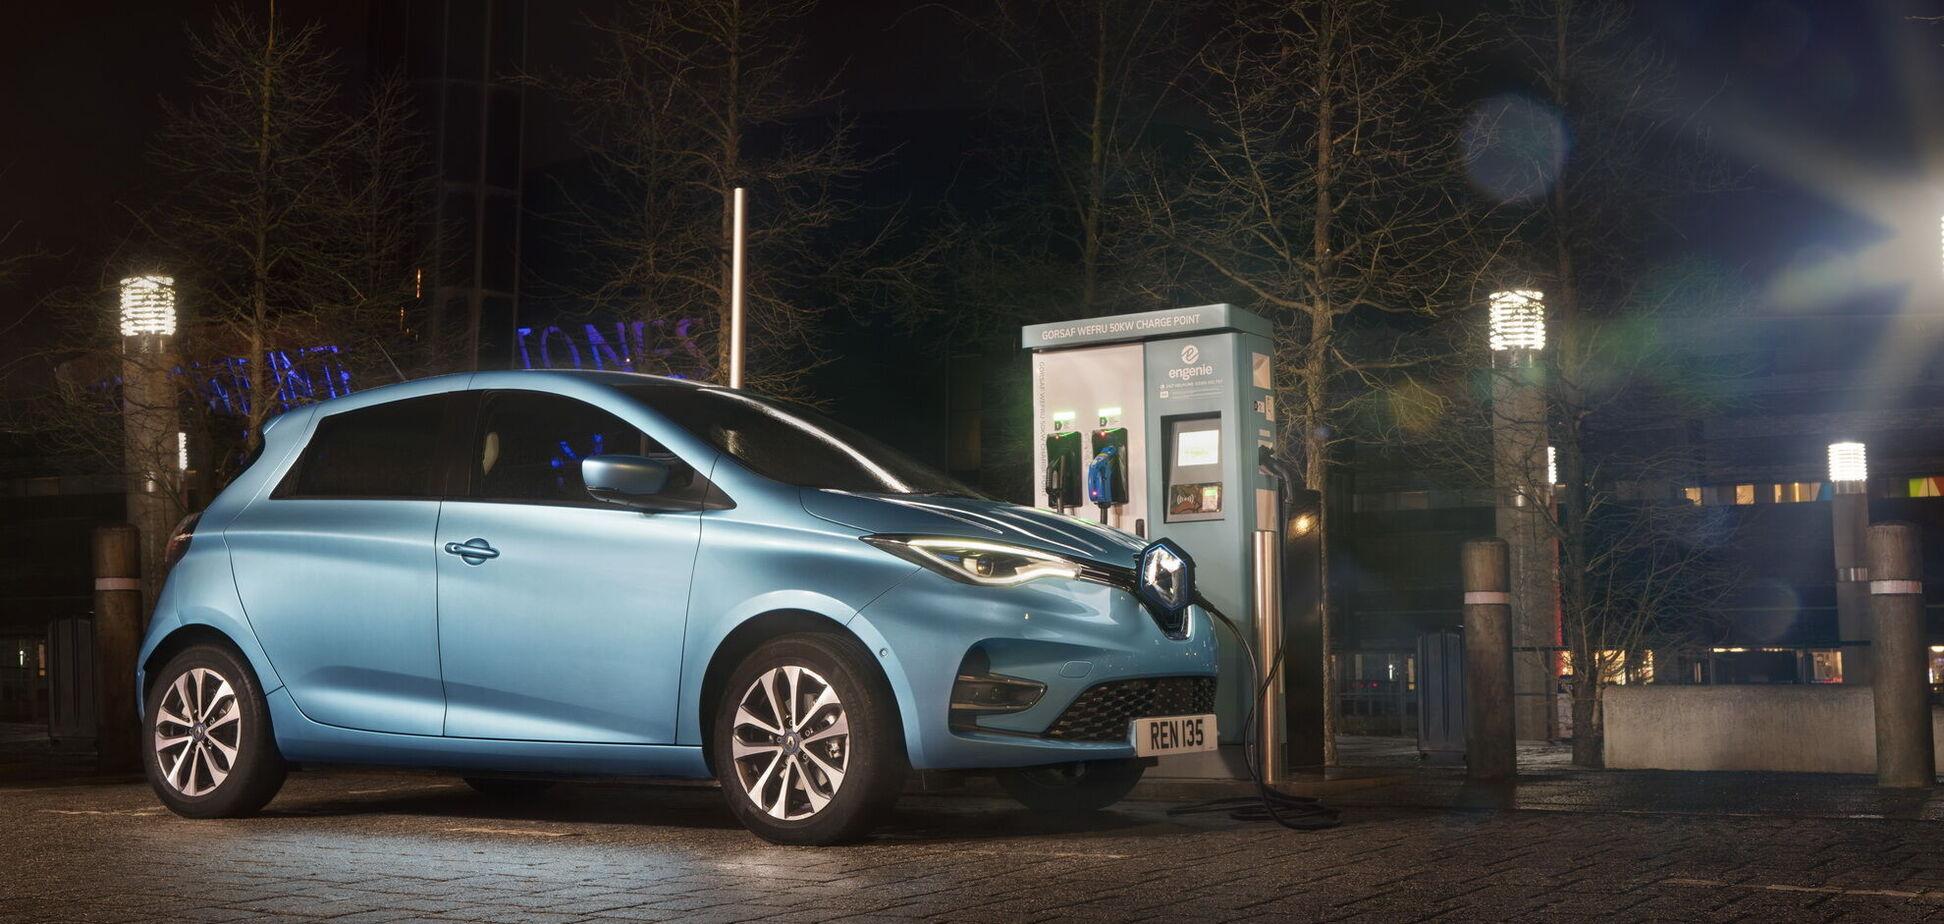 Renault вышла в лидеры европейского рынка электромобилей